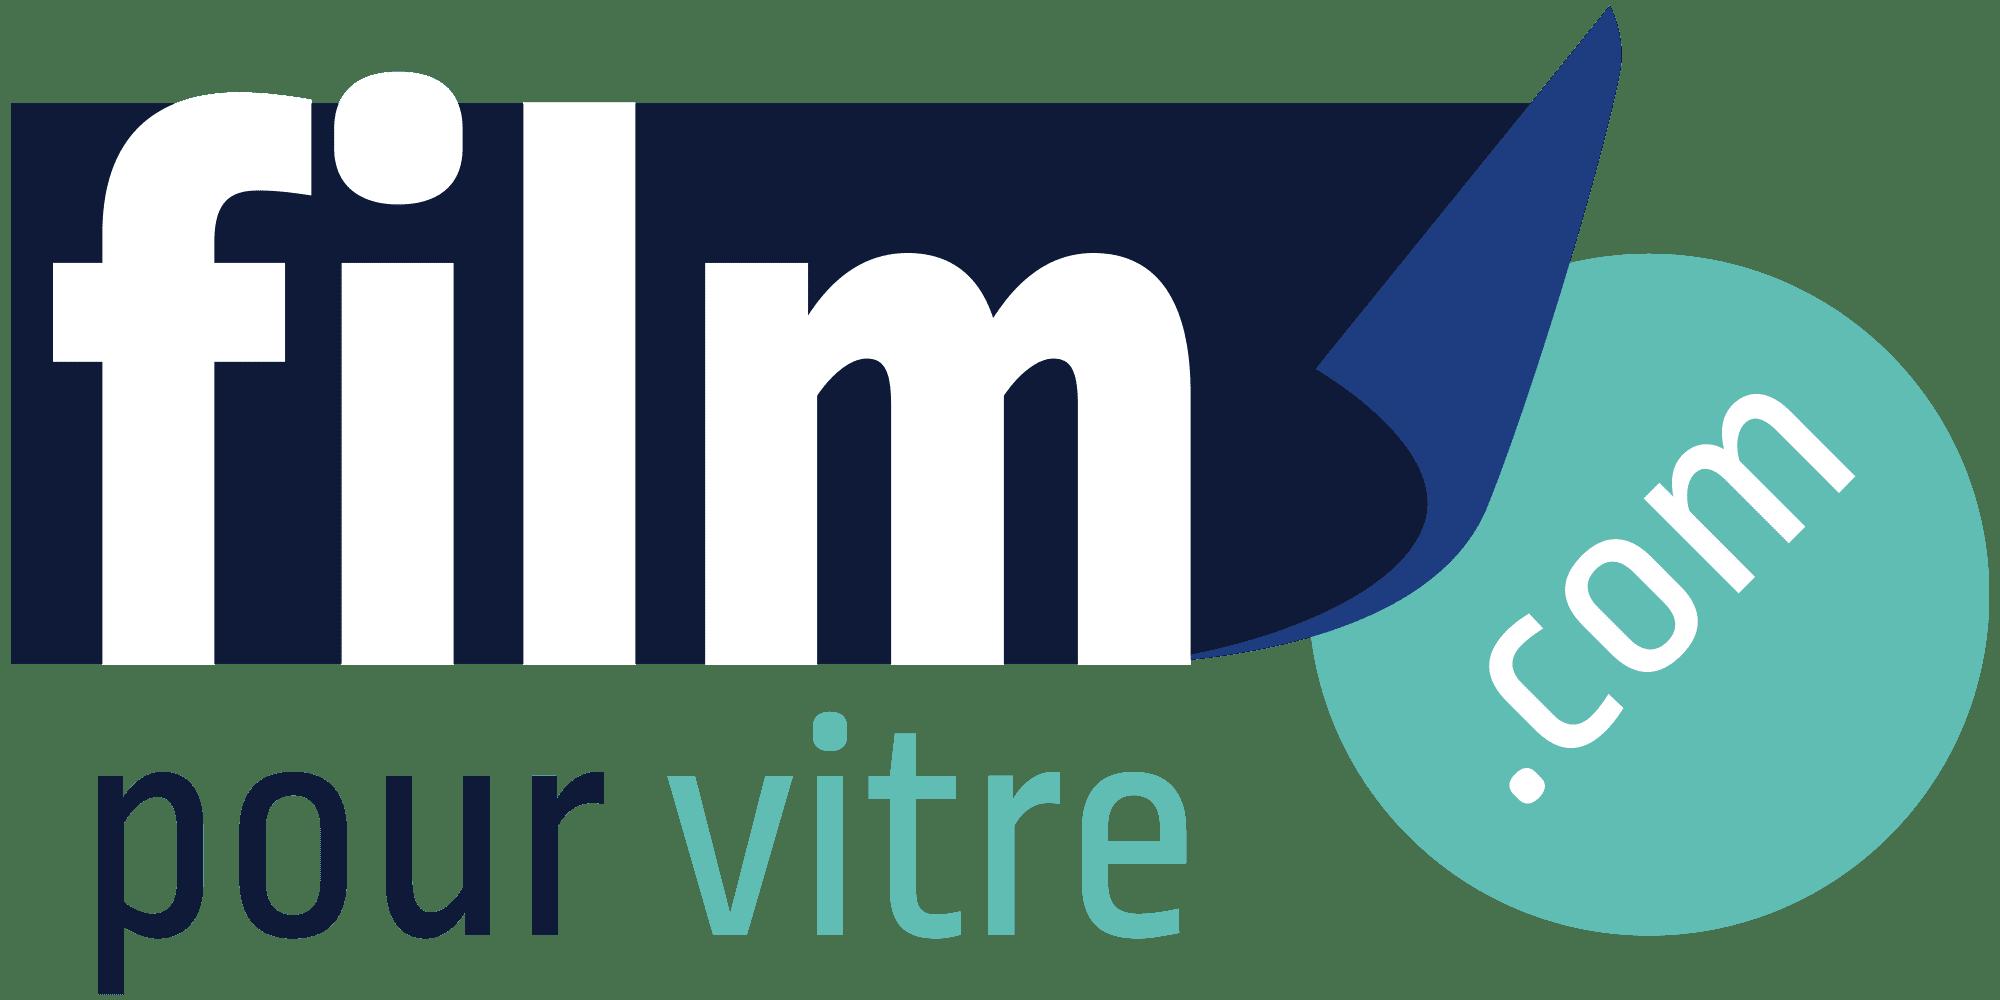 Logo Filmpourvitre.com